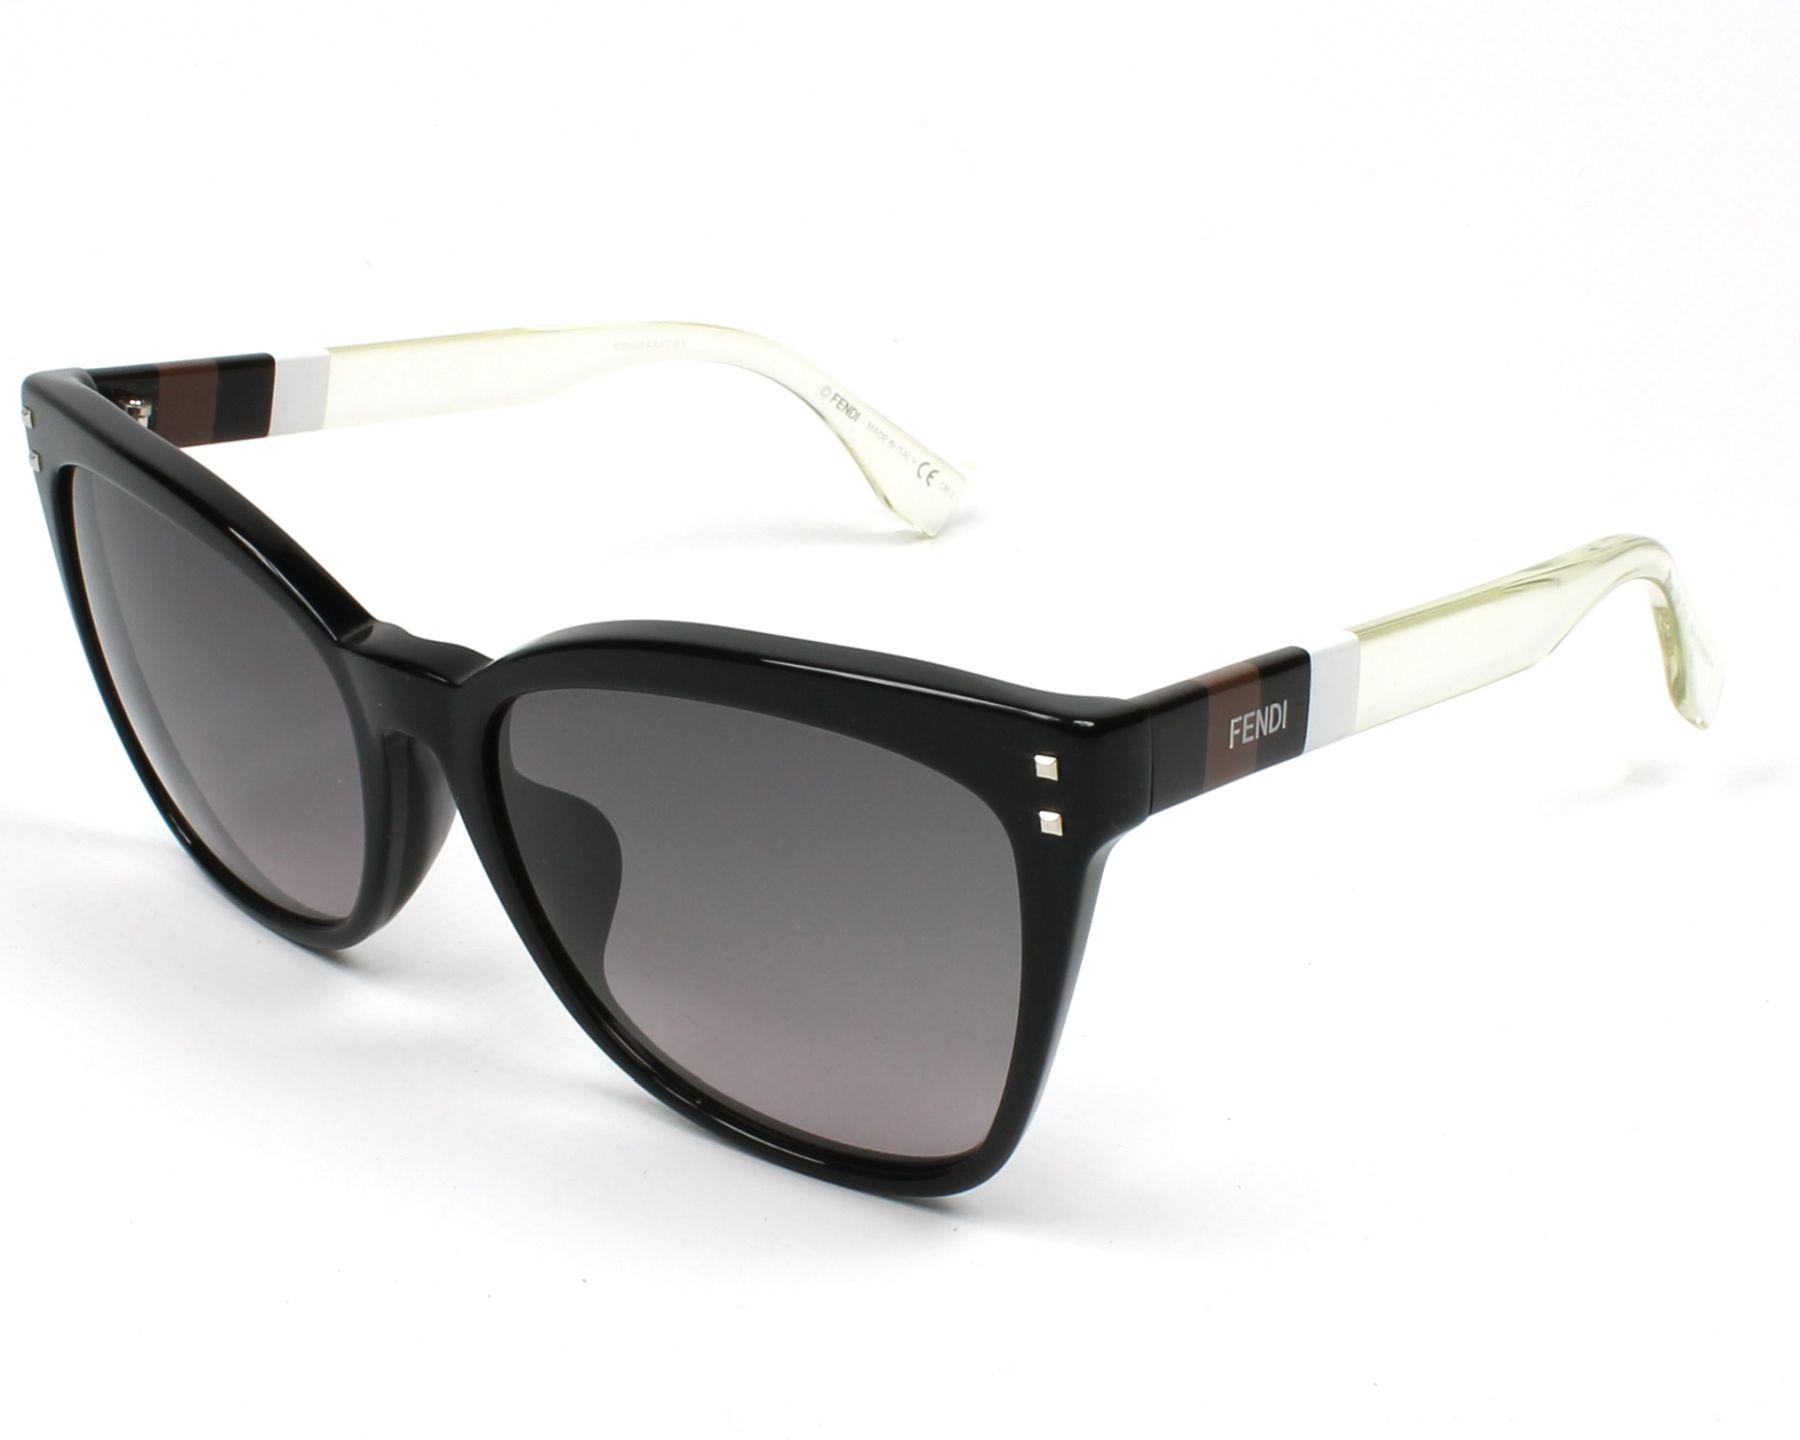 Fendi Sonnenbrille grau 8LIpHp